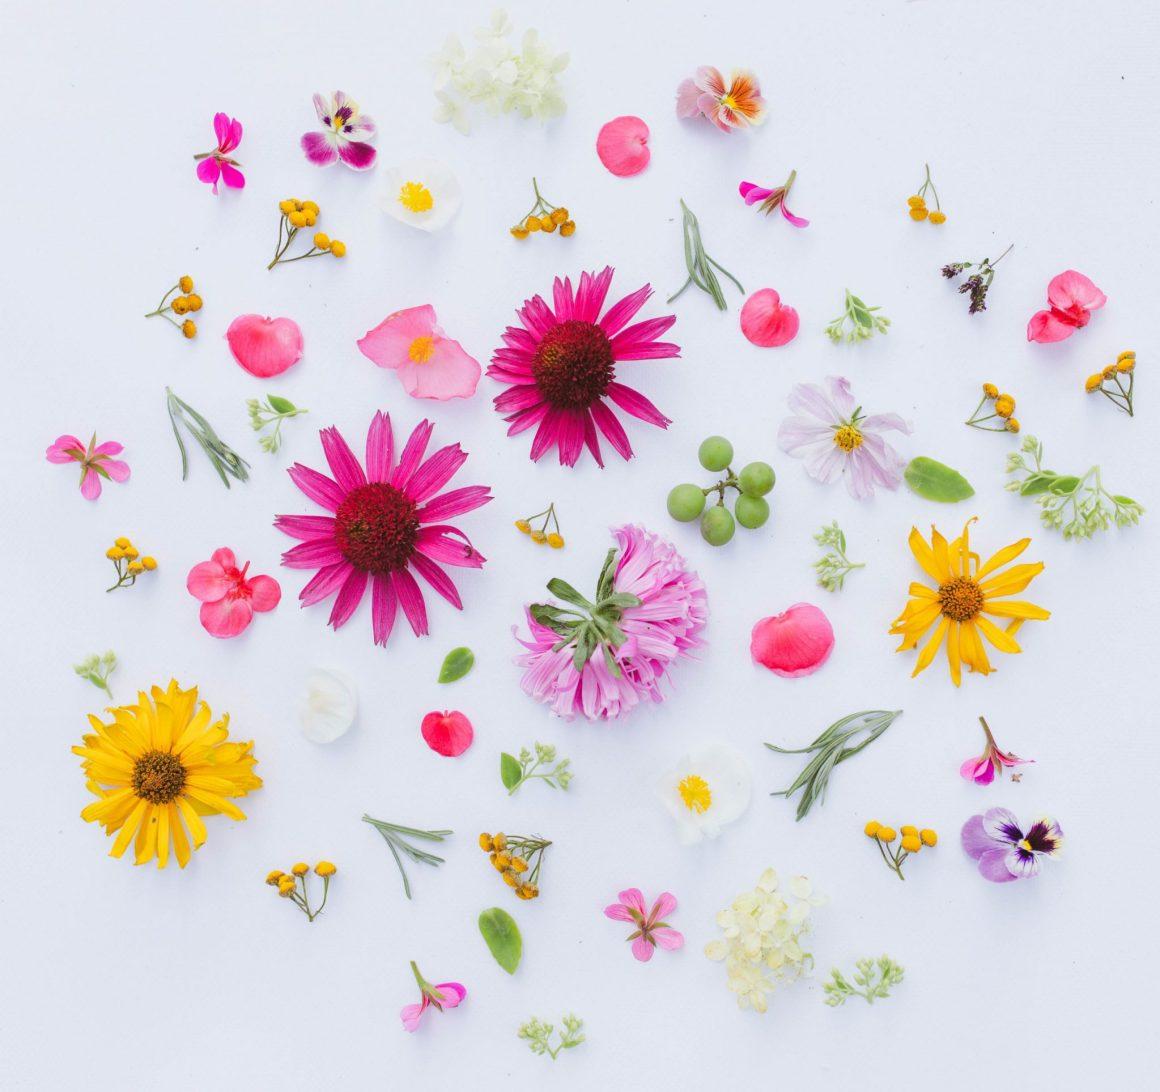 guia-significado-y-simbolismo-de-las-flores-flores-para-siempre